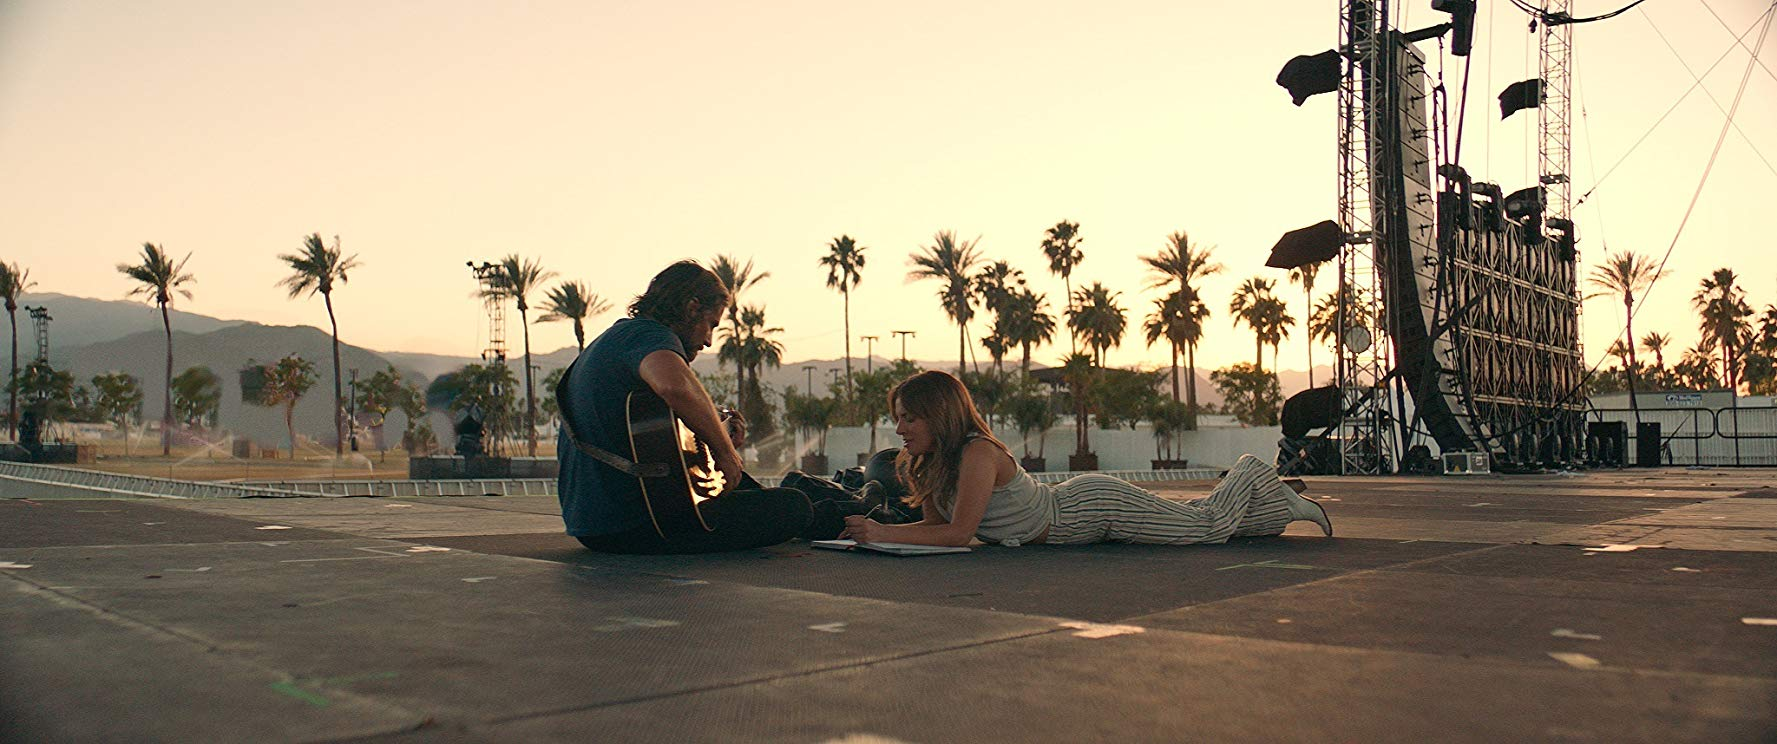 Nace una estrella (A Star is Born) – Bradley Cooper y Lady Gaga cautivan en íntimo relato de Warner Bros